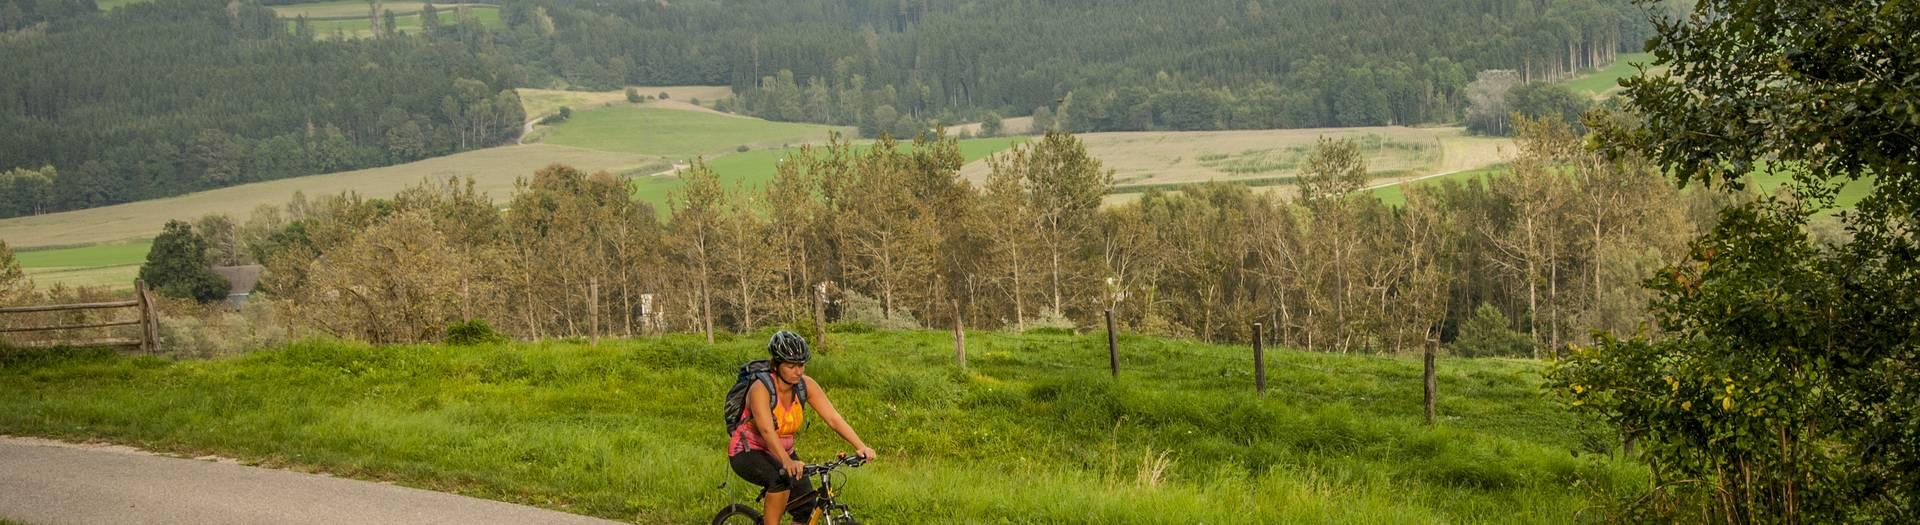 Radfahren in Kappel am Krappfeld in Mittelkärnten